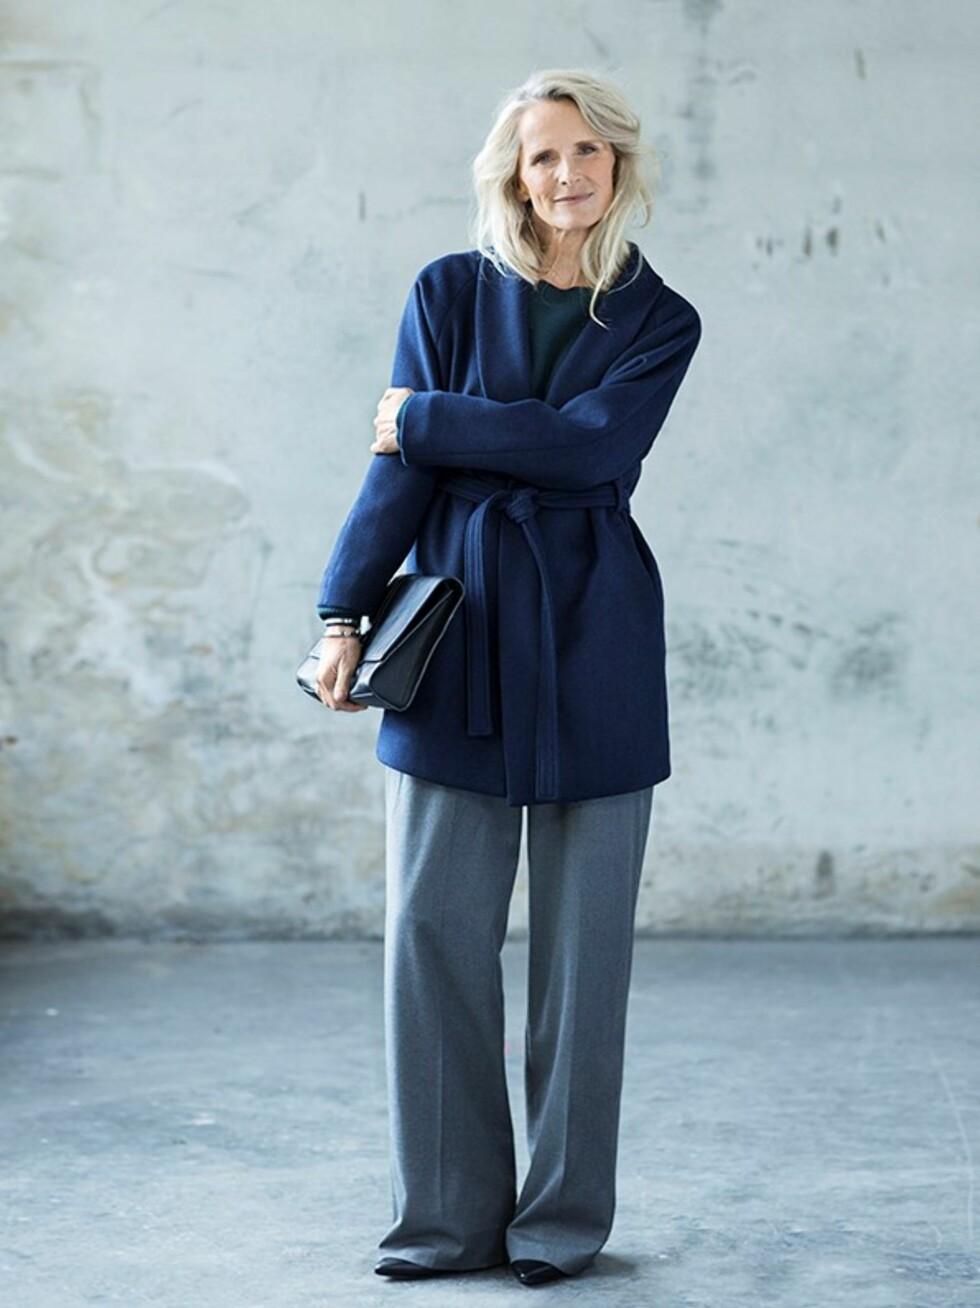 FORBILDE: Torun Johansson Delhalle sier til KK.no at hun kommer til å fortsette å jobbe som modell så lenge det gir henne glede. Foto: Daniela Ferro